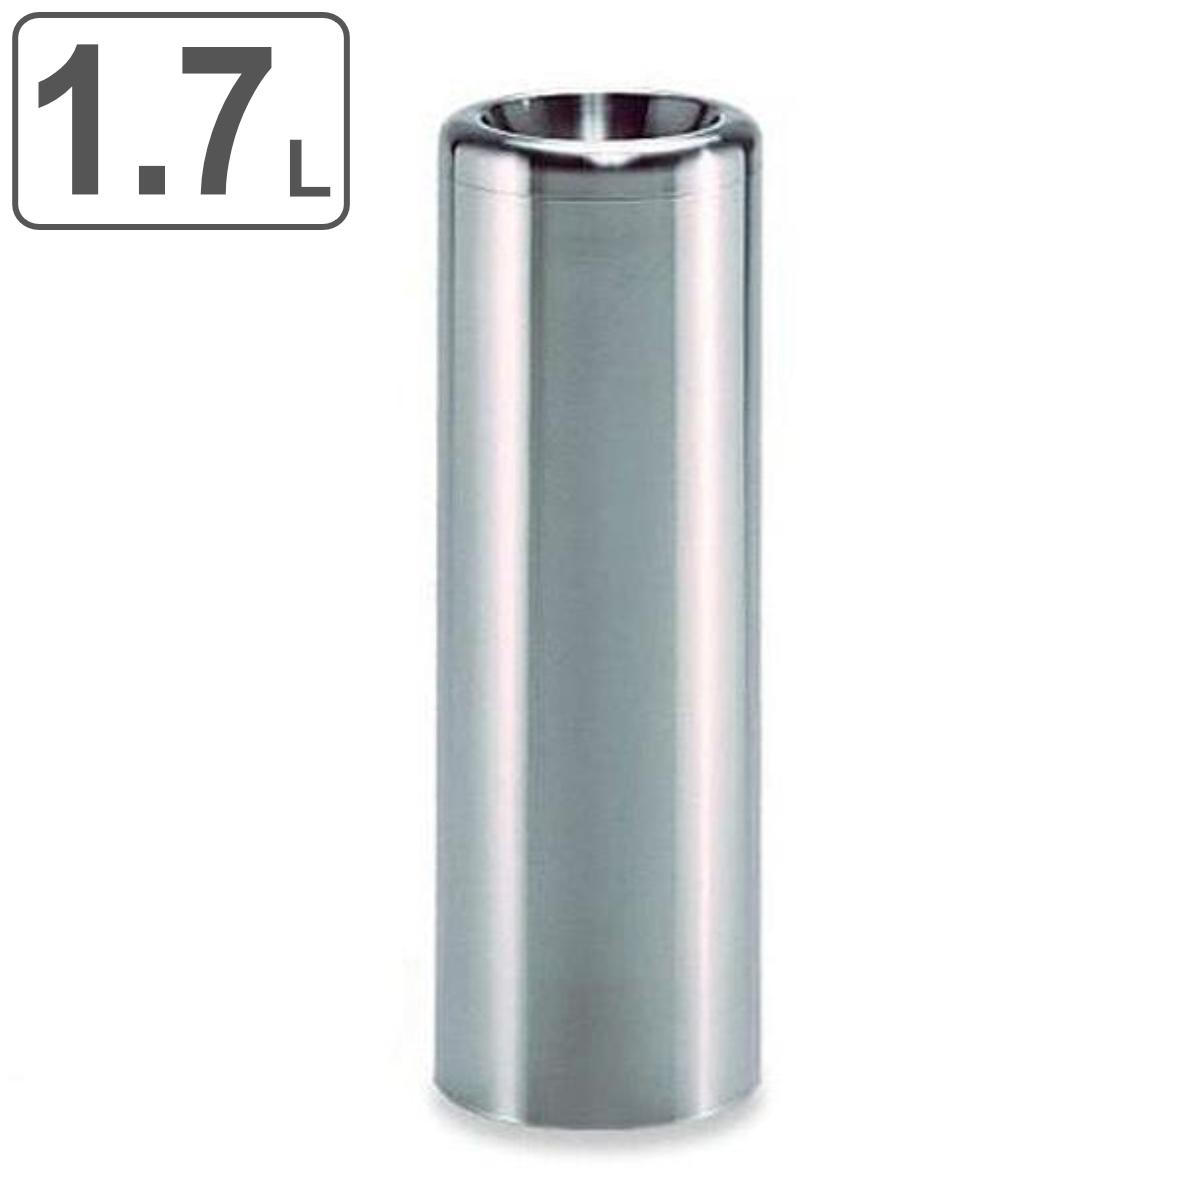 灰皿 スタンド丸型 ステンレス製 1.7L SM-120 ( 送料無料 スモーキングスタンド 吸いがら入れ ) 【5000円以上送料無料】